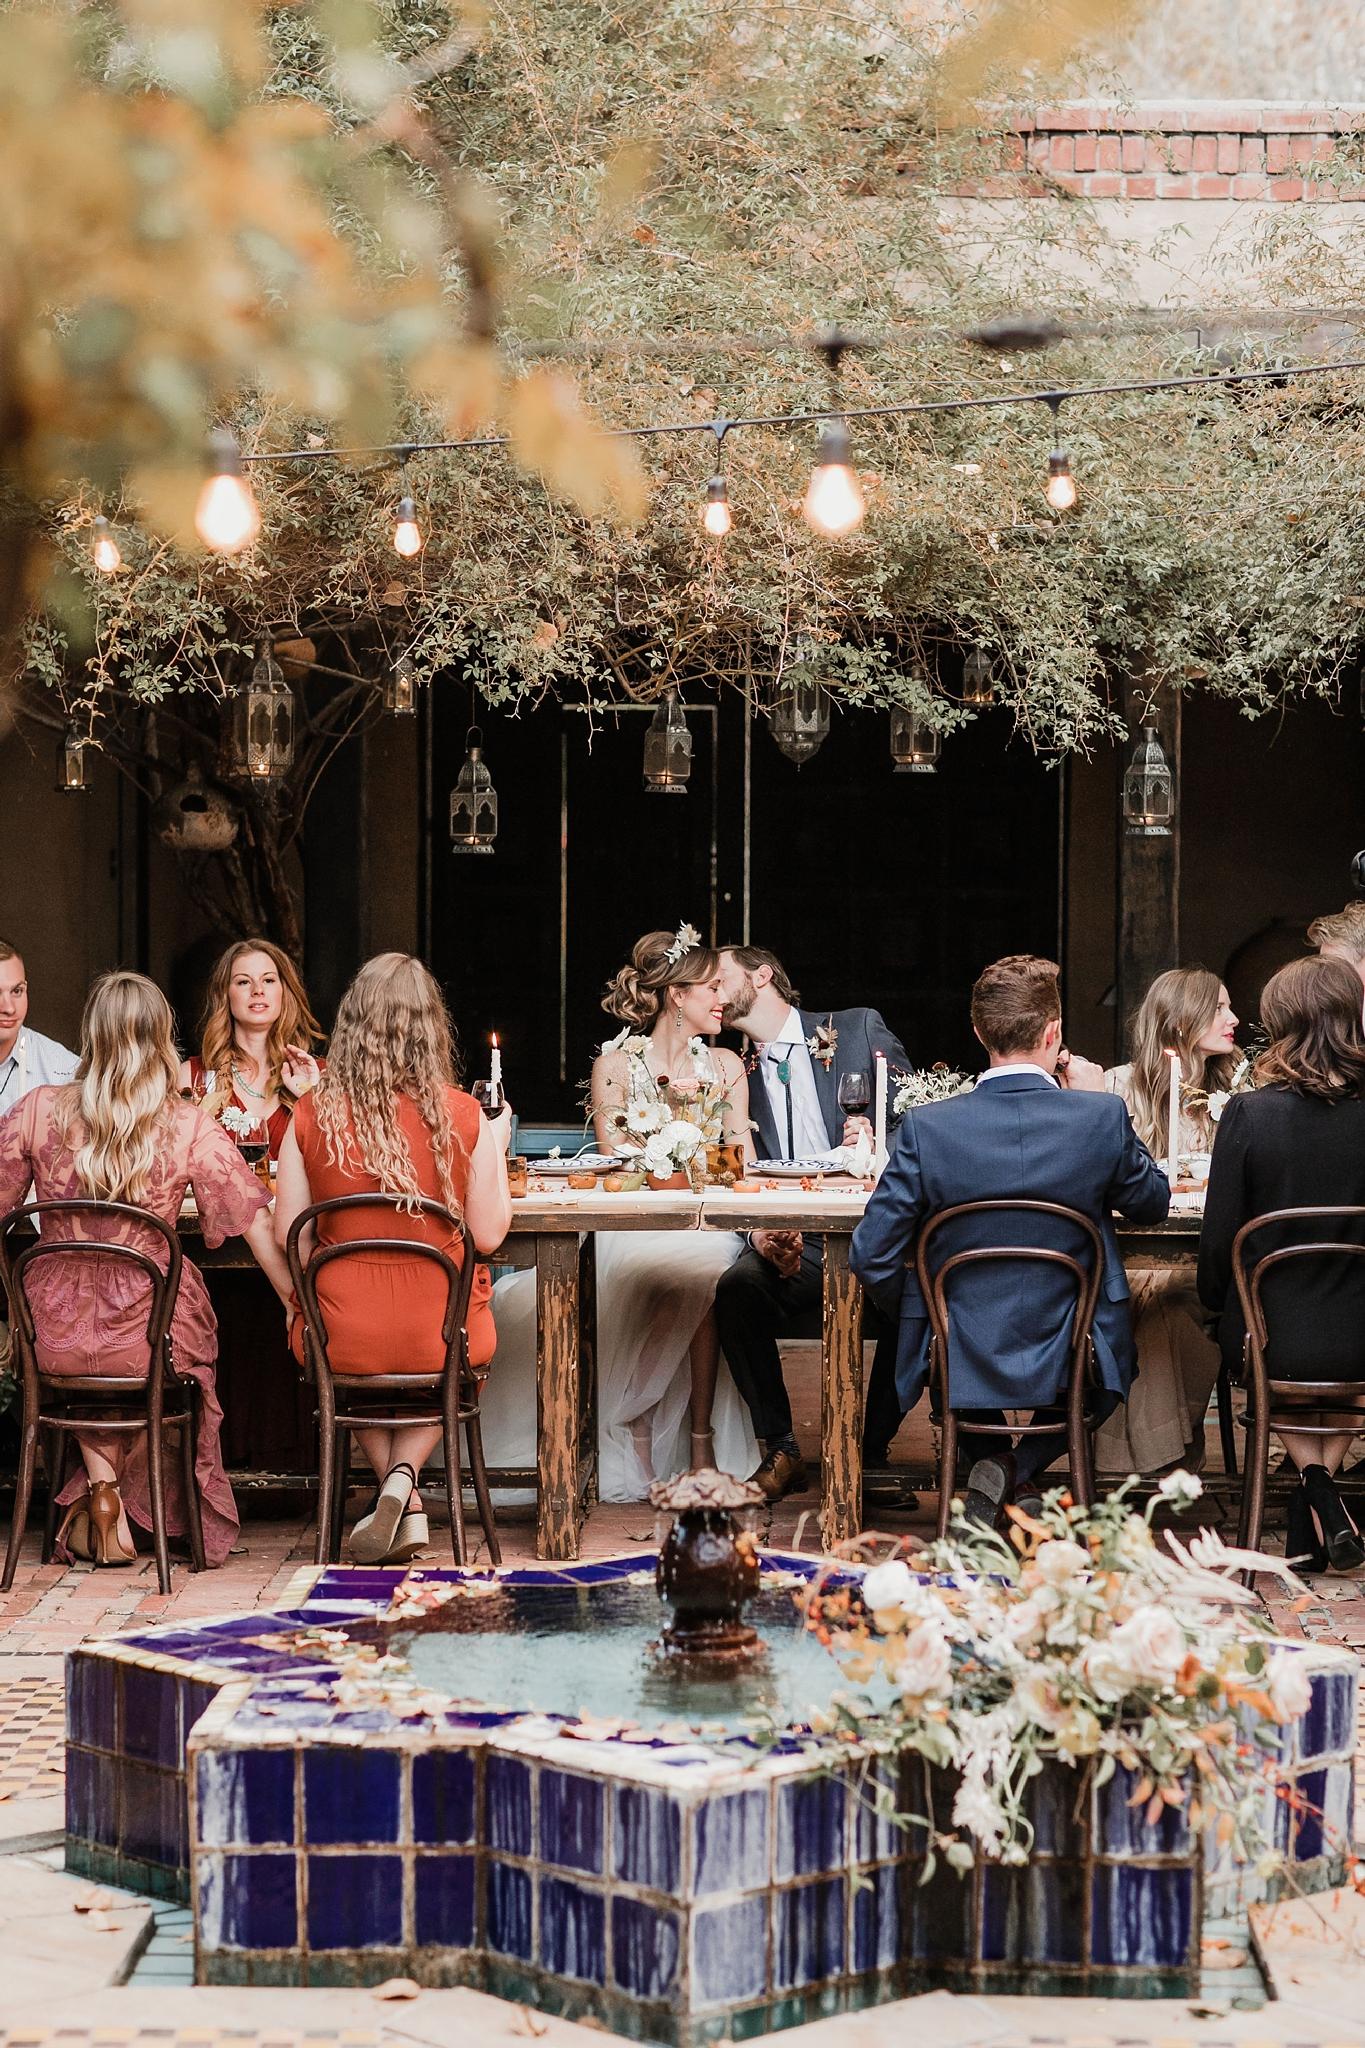 Alicia+lucia+photography+-+albuquerque+wedding+photographer+-+santa+fe+wedding+photography+-+new+mexico+wedding+photographer+-+new+mexico+wedding+-+new+mexico+wedding+-+wedding+planner+-+wedding+rentals+-+new+mexico+wedding+vendor_0010.jpg